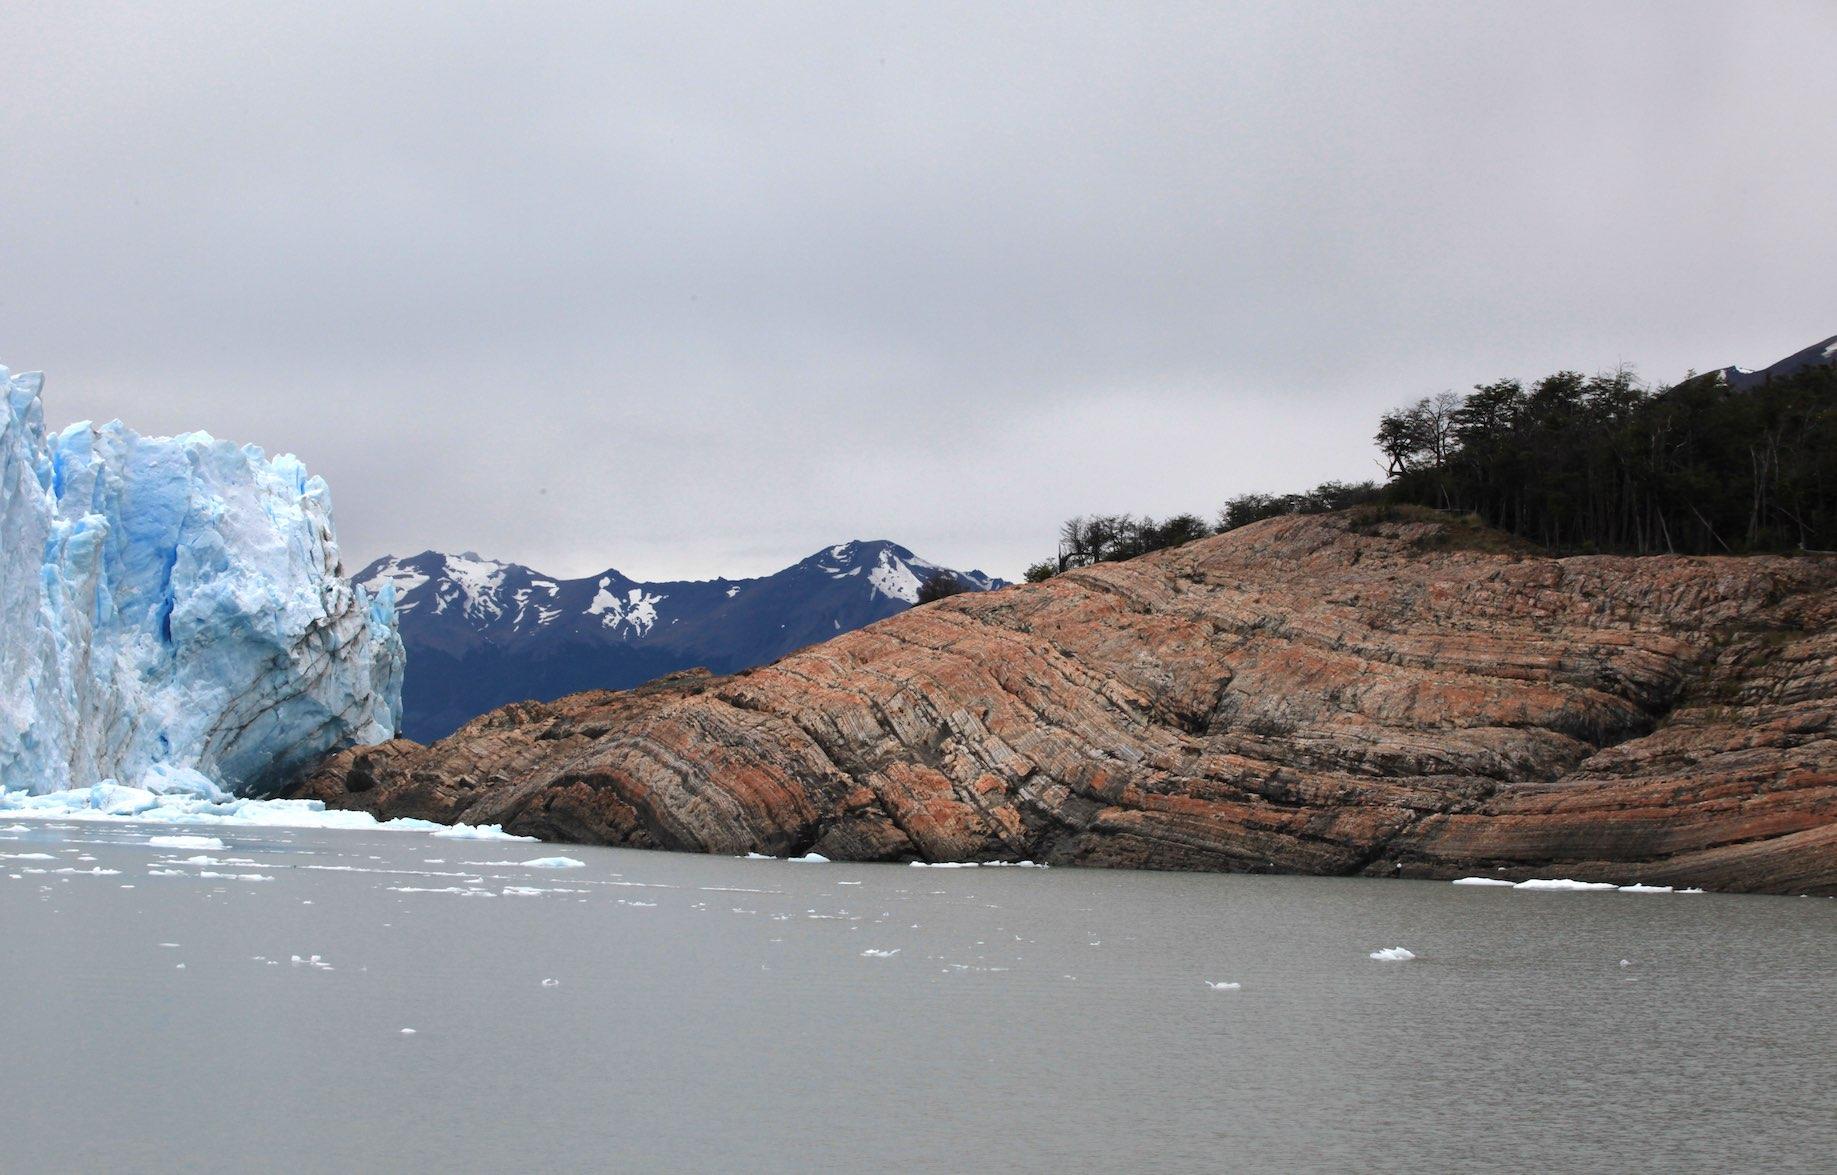 Patagonia 2014, Argentina, Perito Moreno, taken by Dr. Salomon